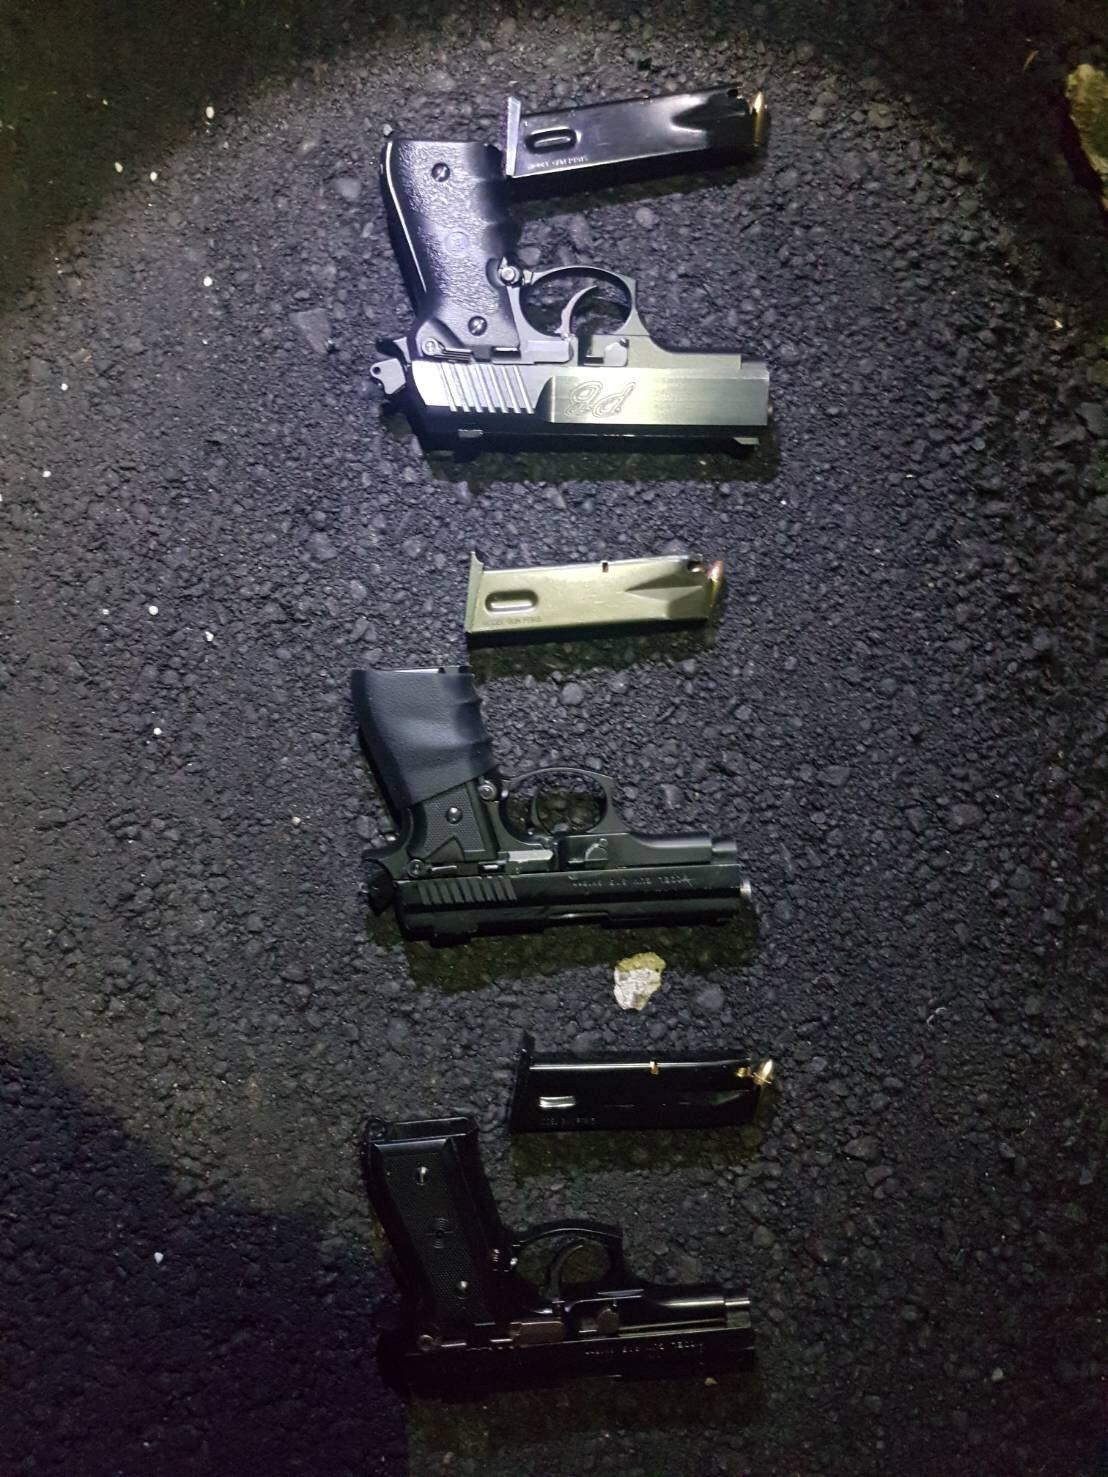 李男腰際發現3把改造手槍,左、右及後方腰際各插1把,且都已呈上膛狀態,並附有彈匣...